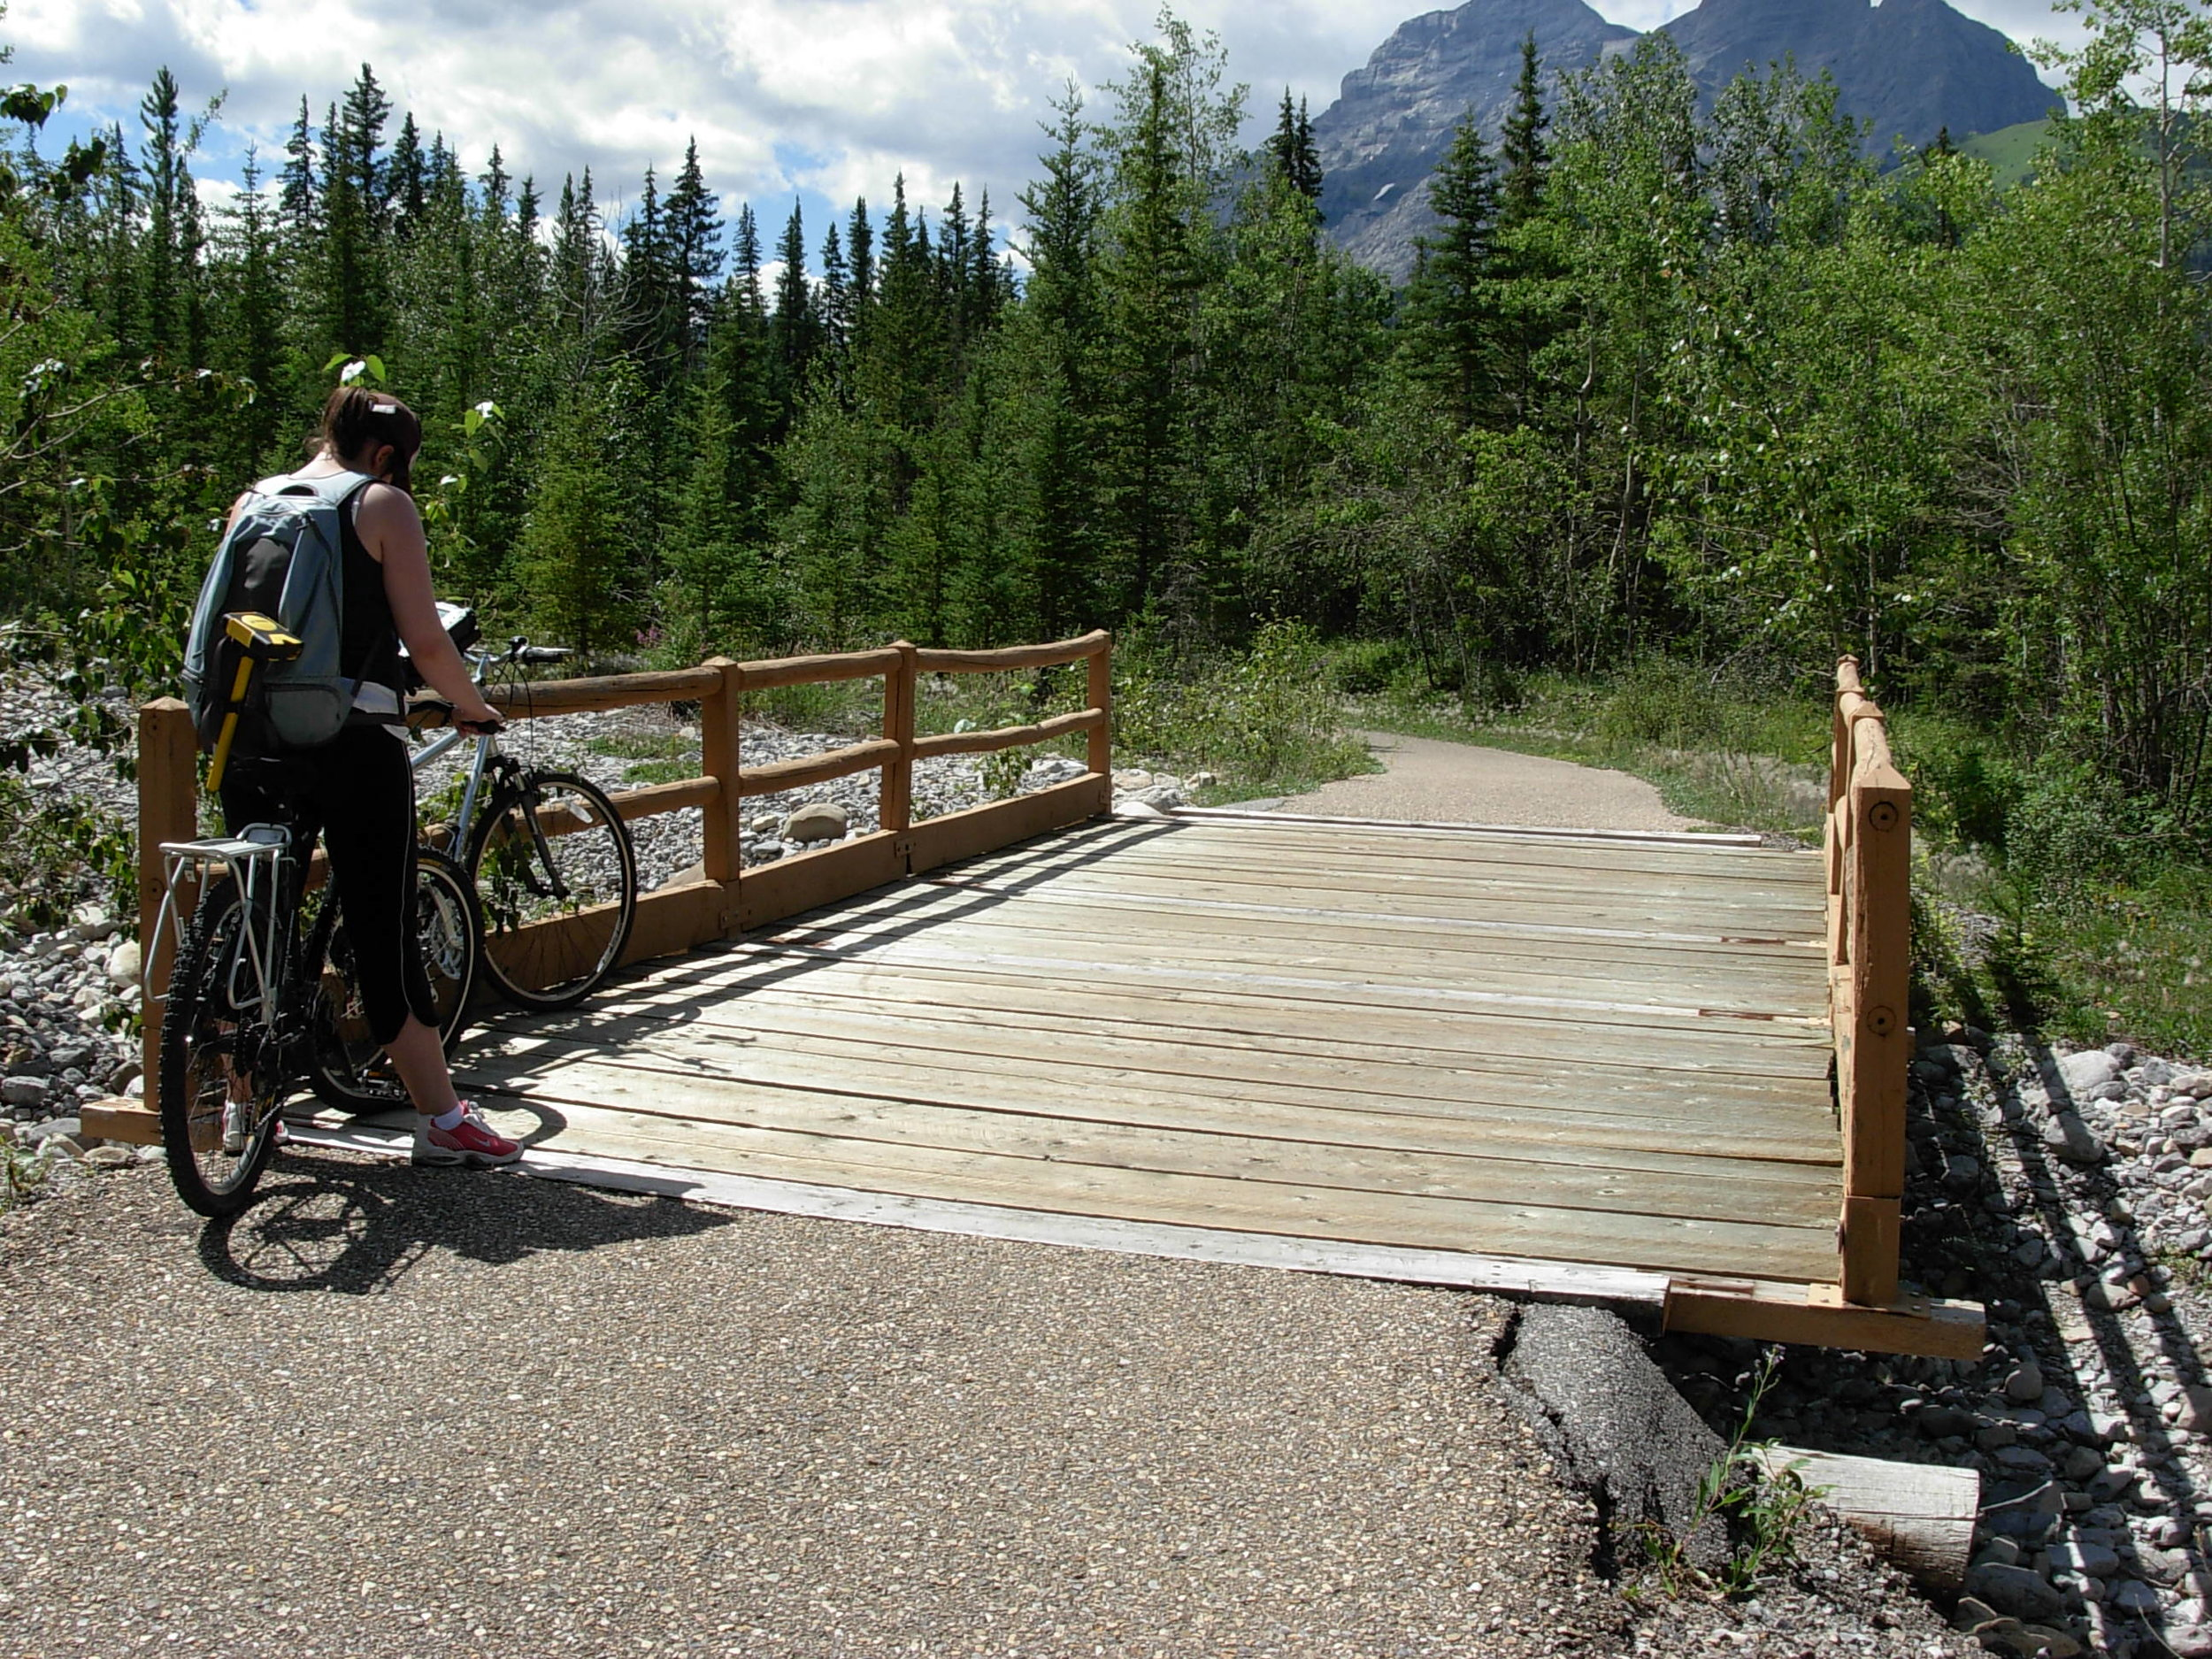 O2-Evan-Thomas-Bike-Path3.JPG